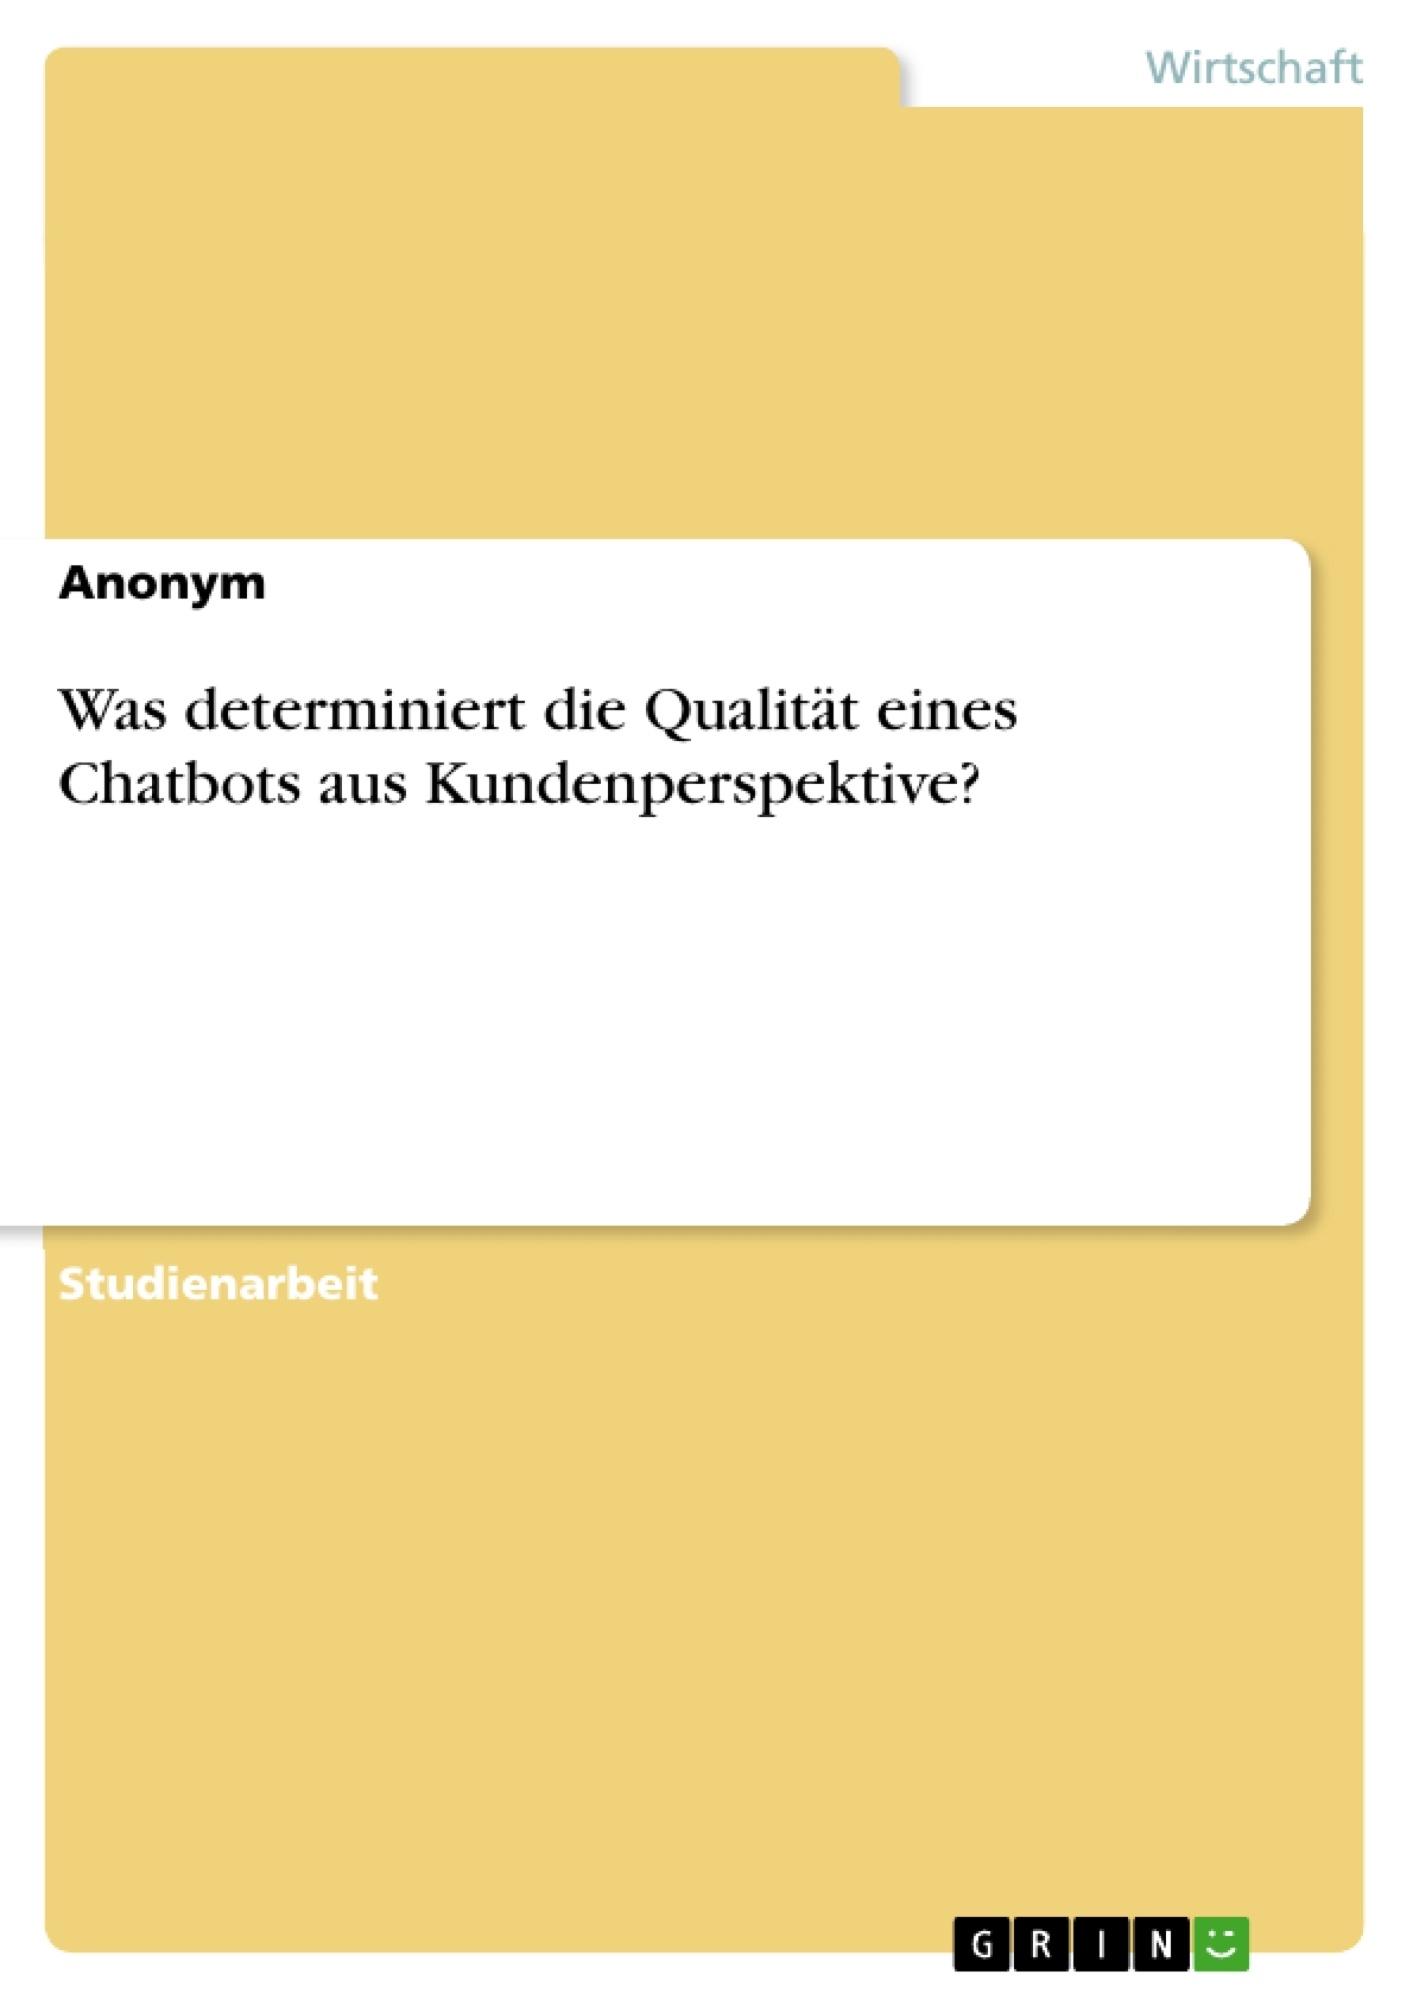 Titel: Was determiniert die Qualität eines Chatbots aus Kundenperspektive?